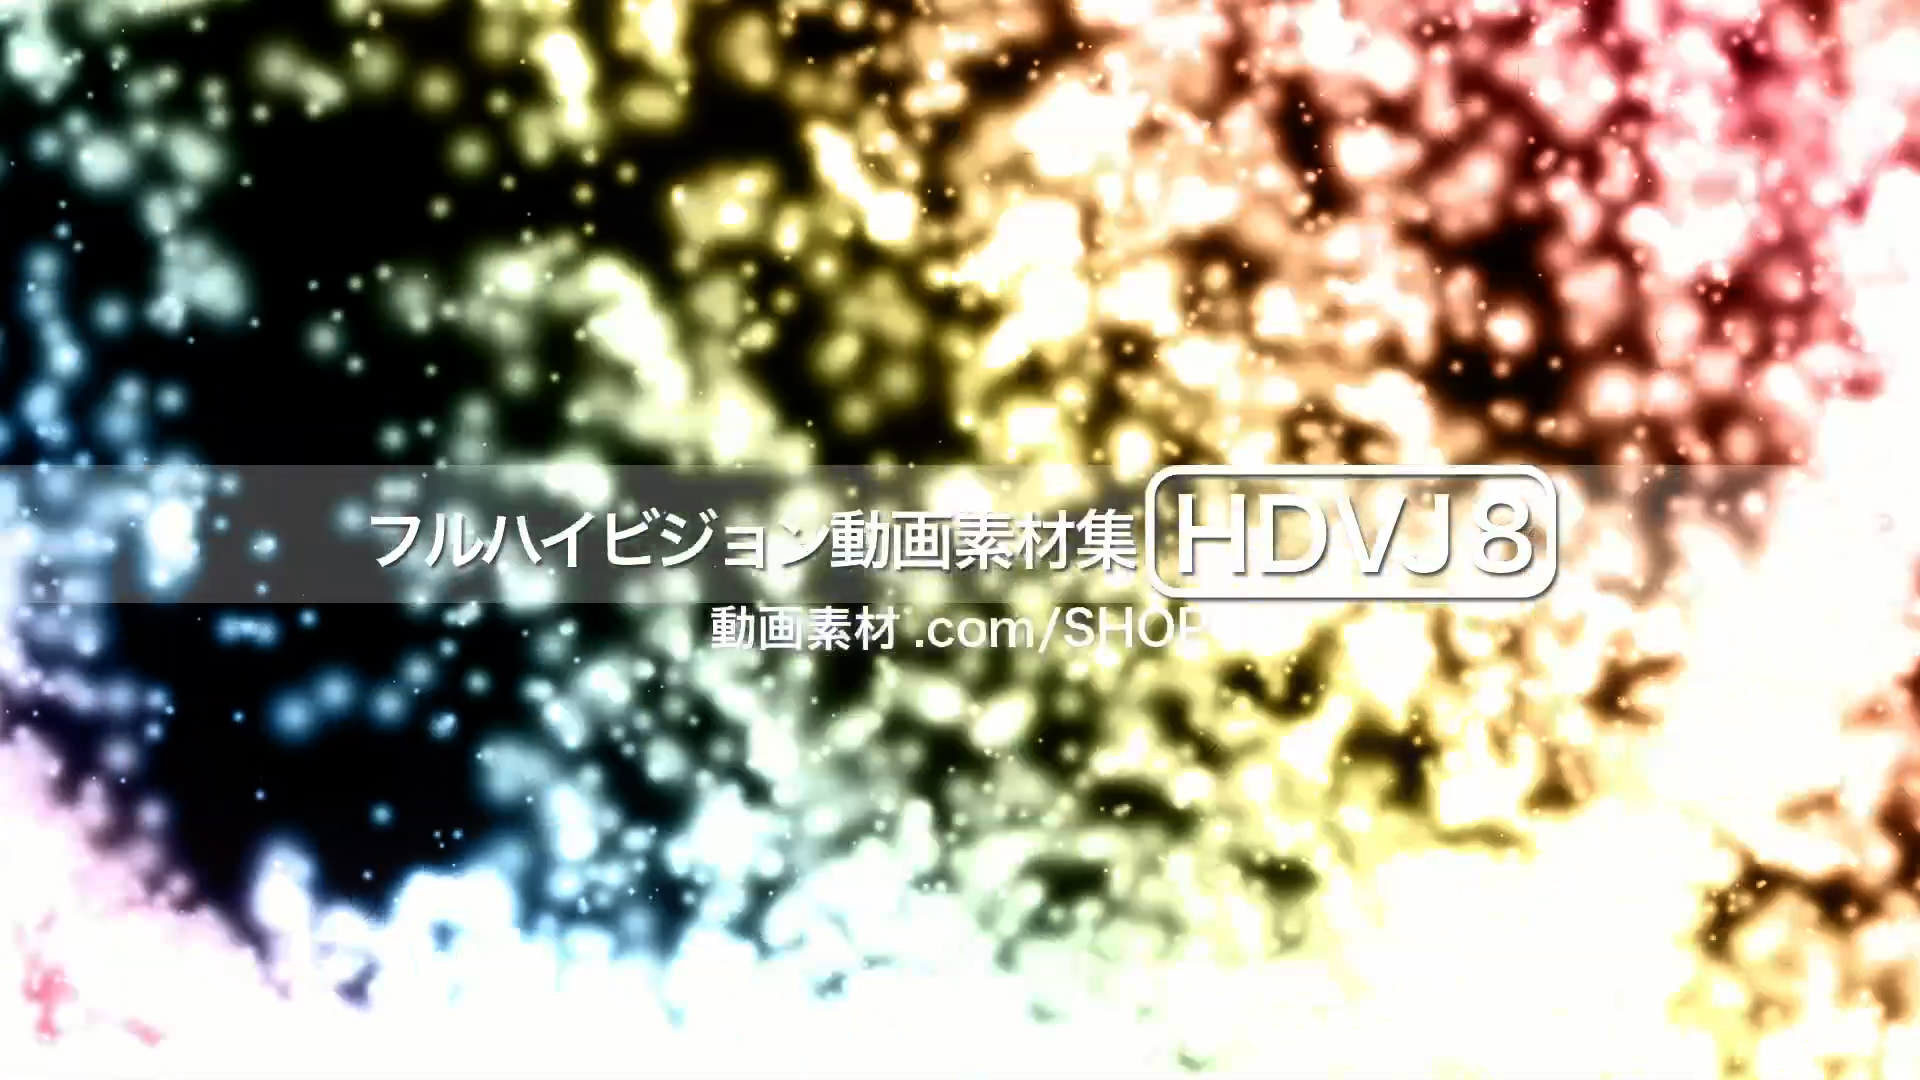 HDVJ8_32